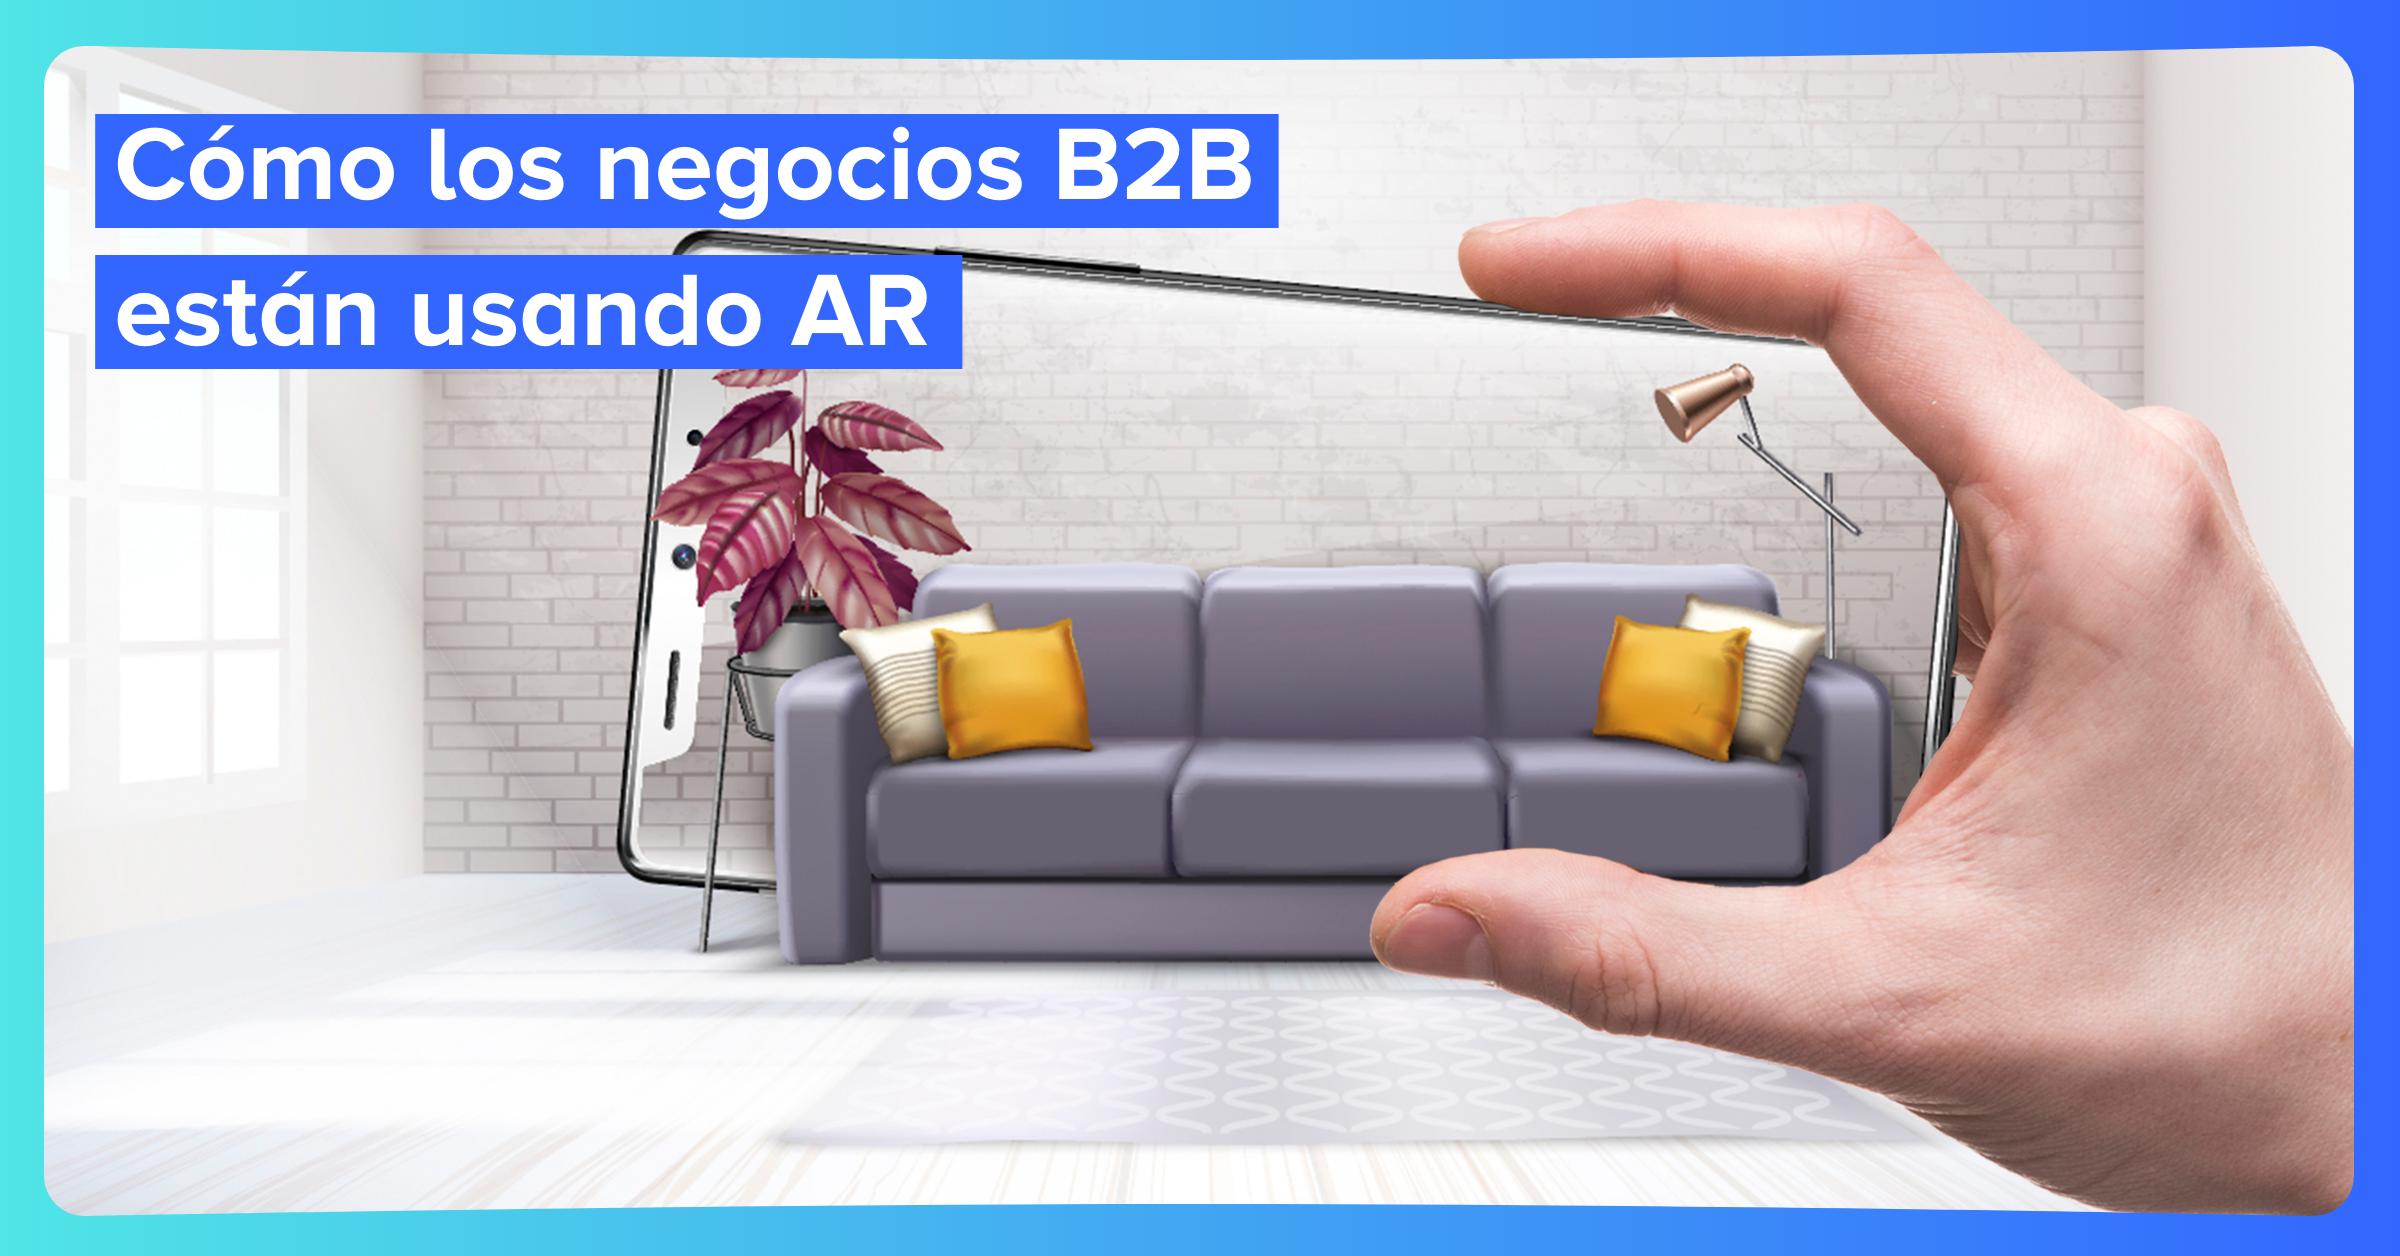 Cómo los negocios B2B están usando AR